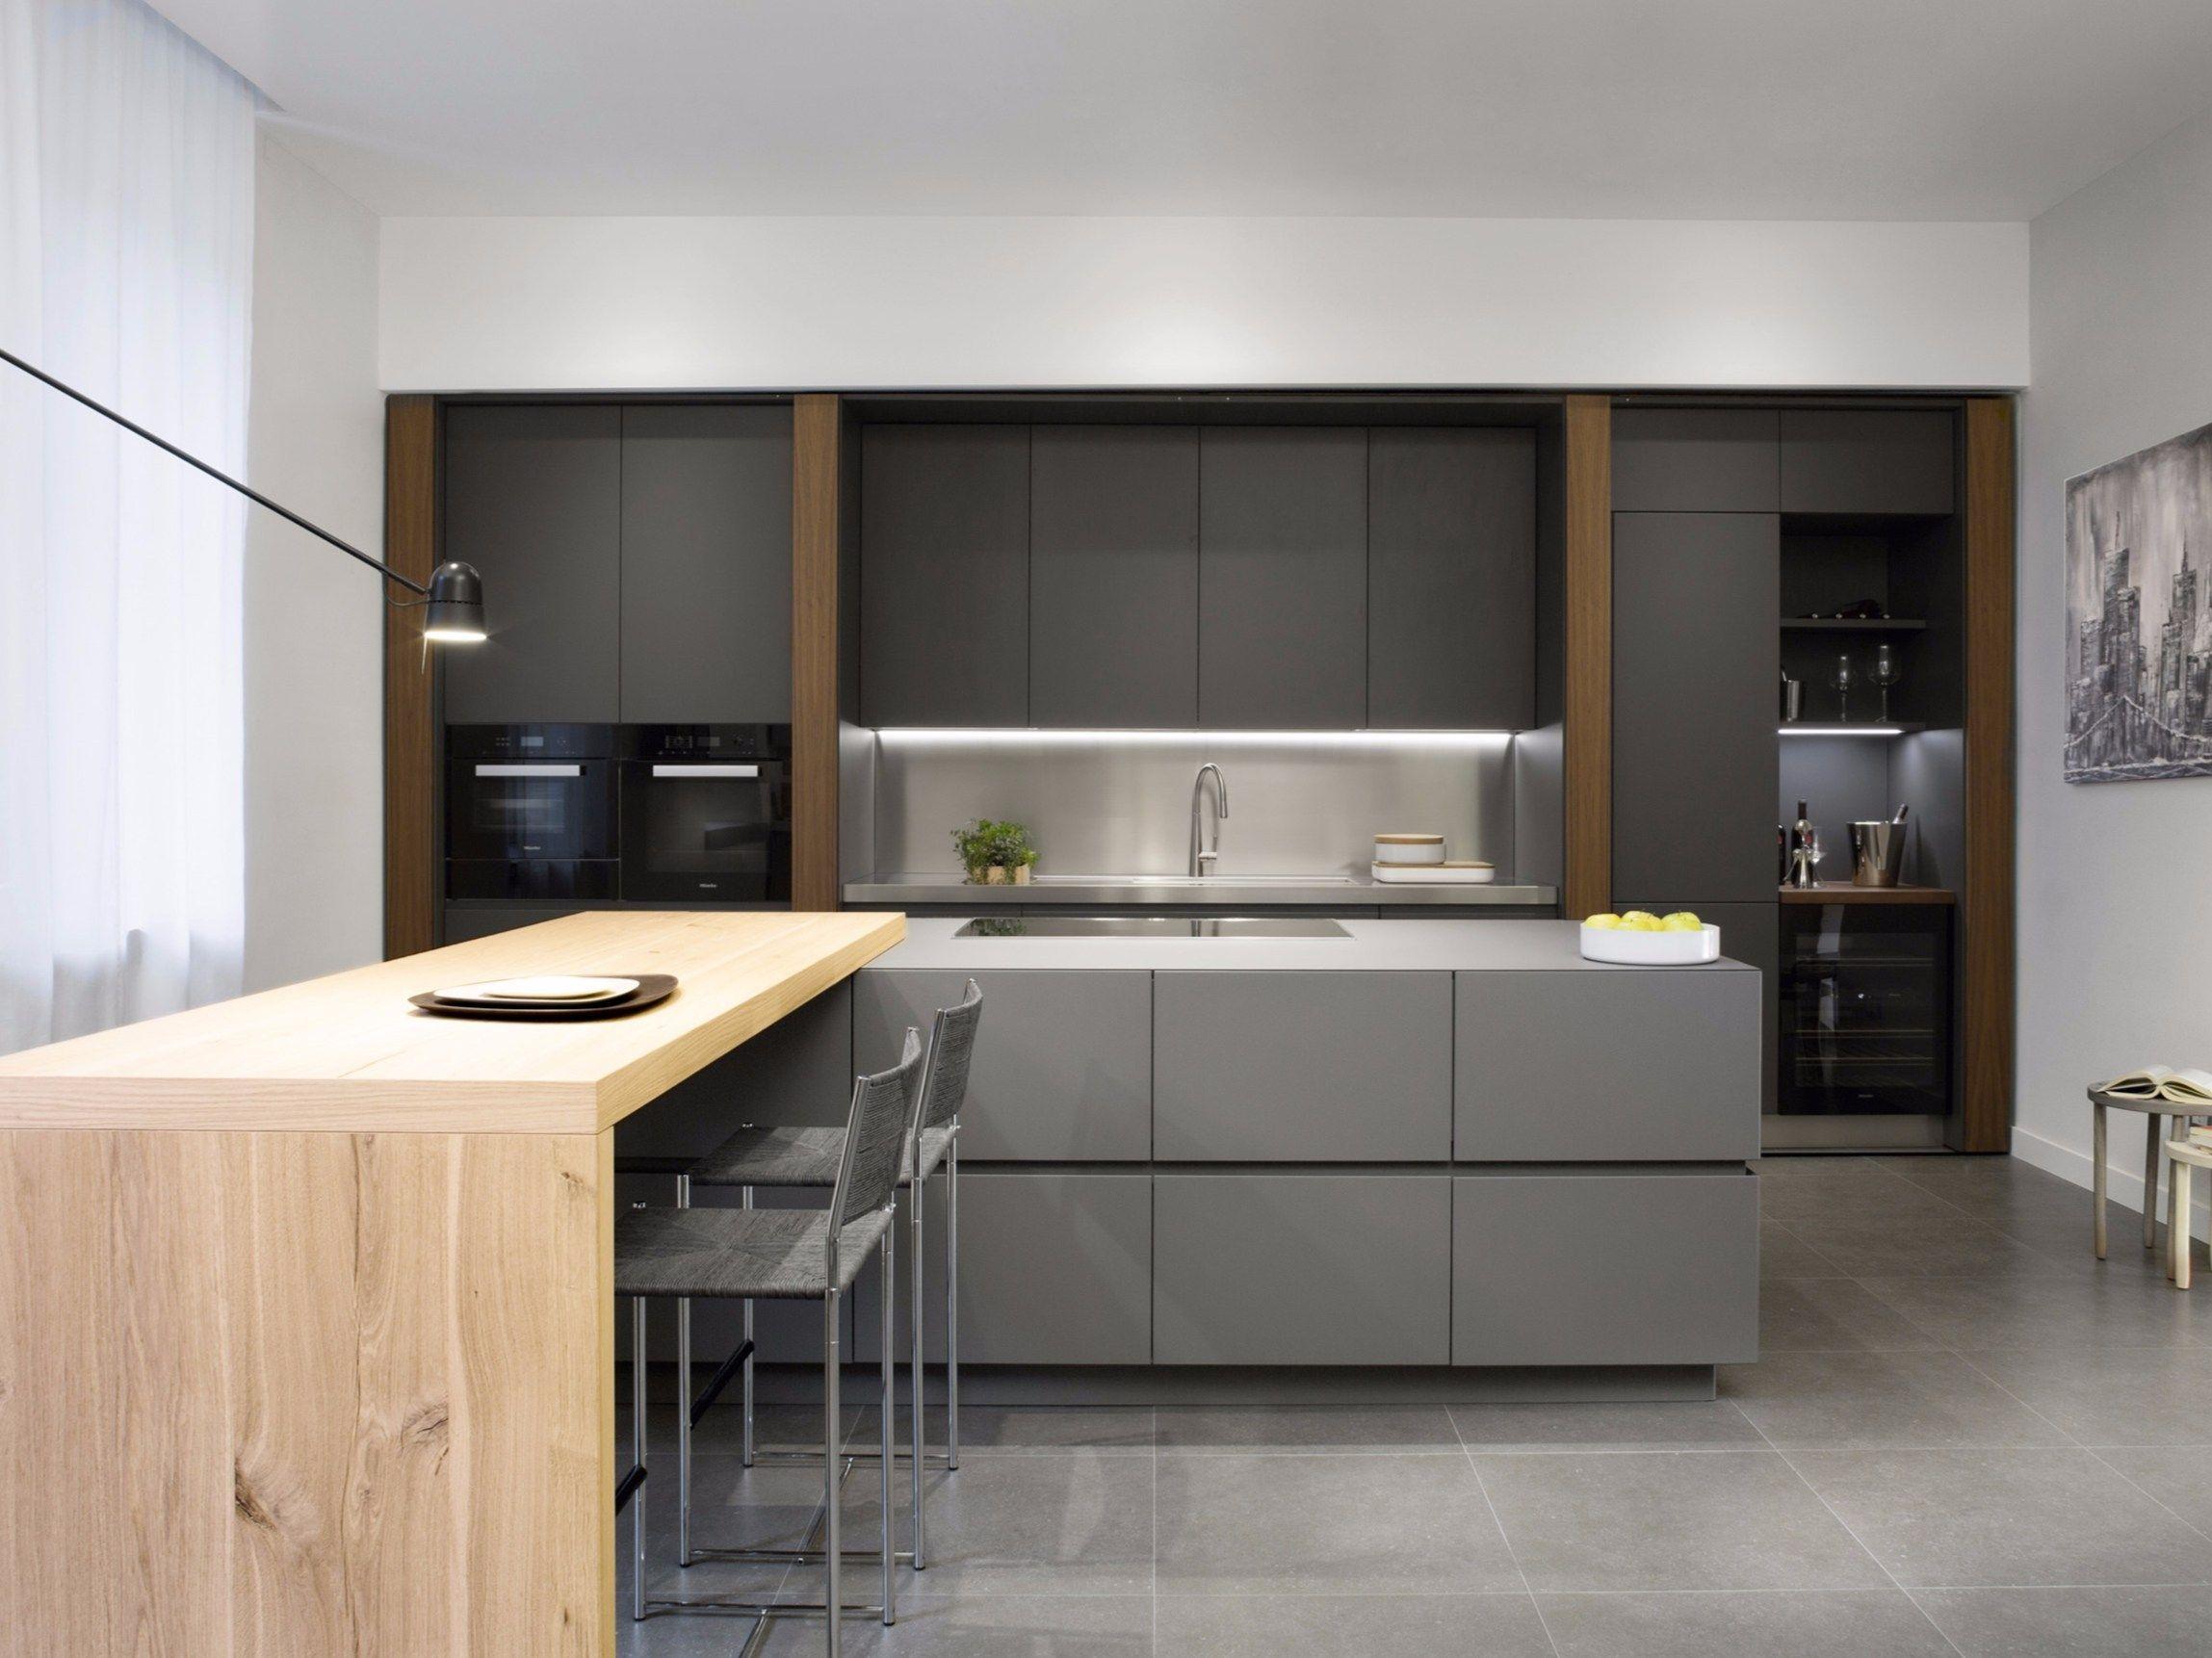 Küche Aus Walnuss Mit Kücheninsel Ohne Griffe